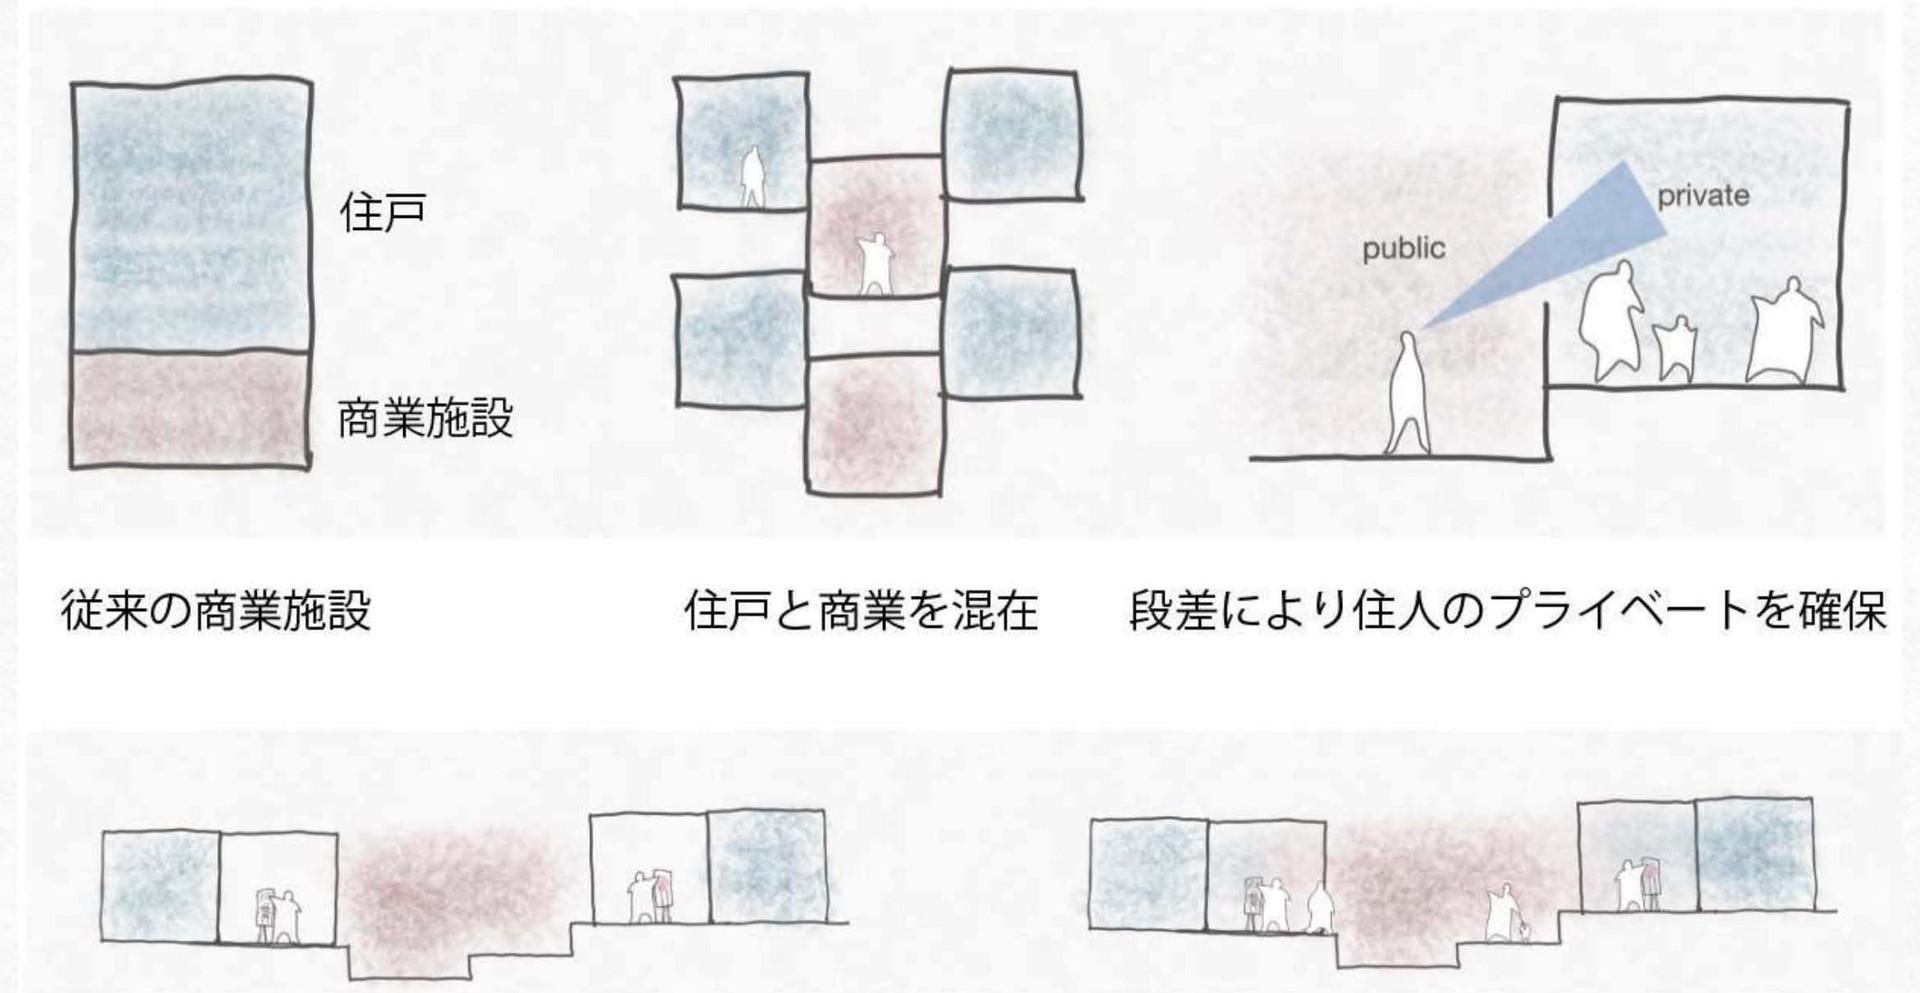 ハウジング web 表紙_compressed_ページ_03.jpg